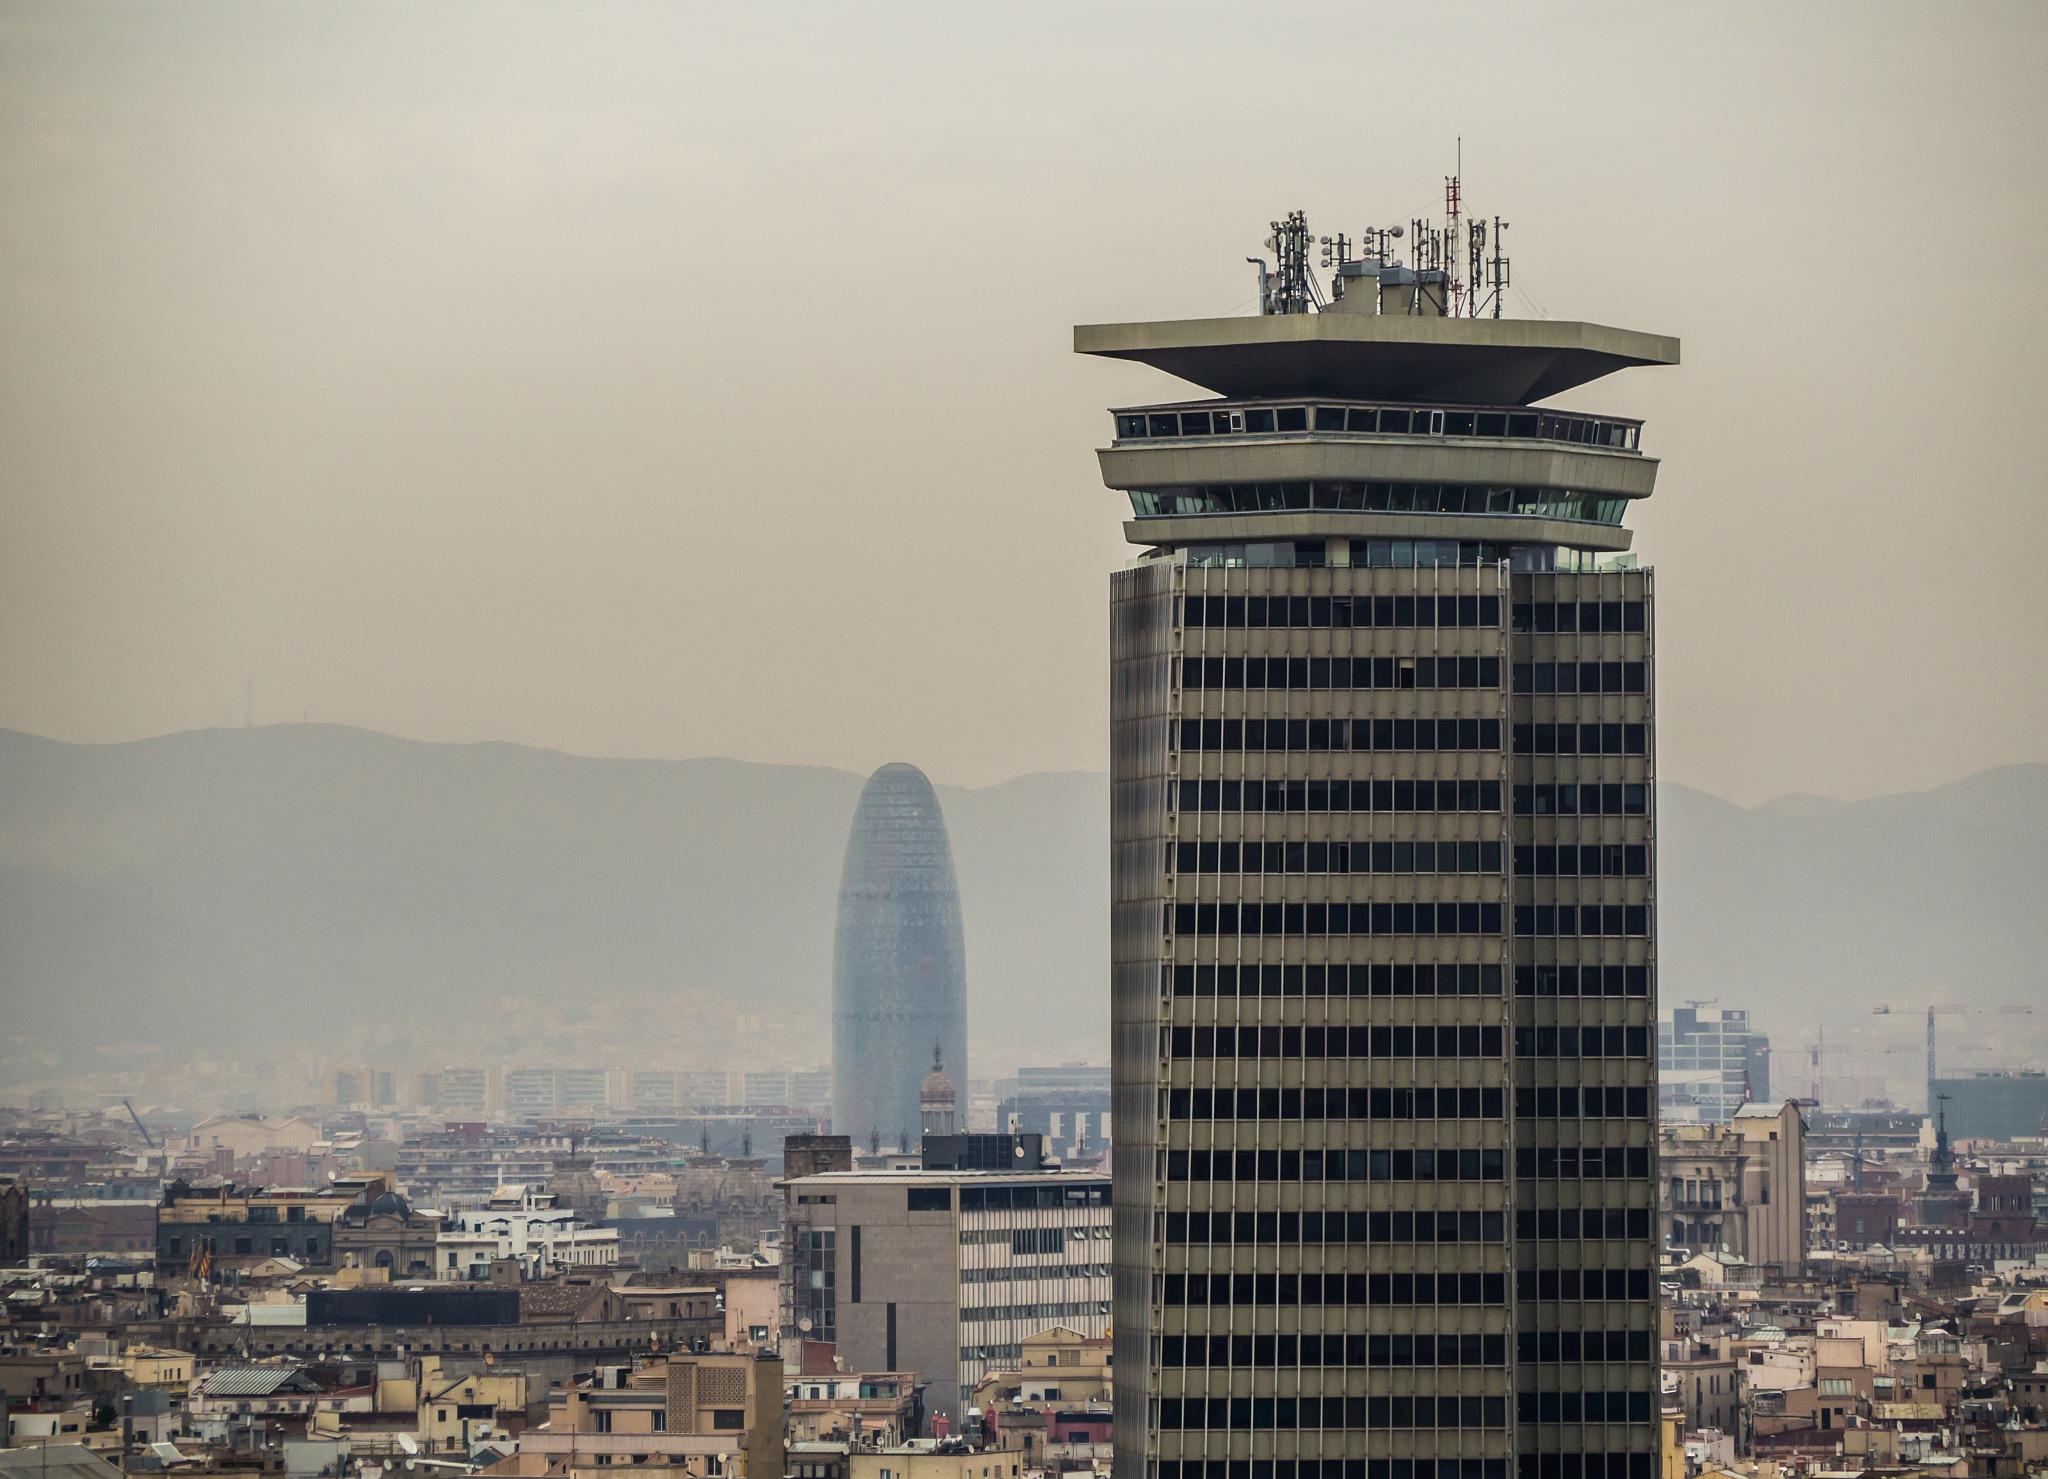 Barcelona by DavidZisky